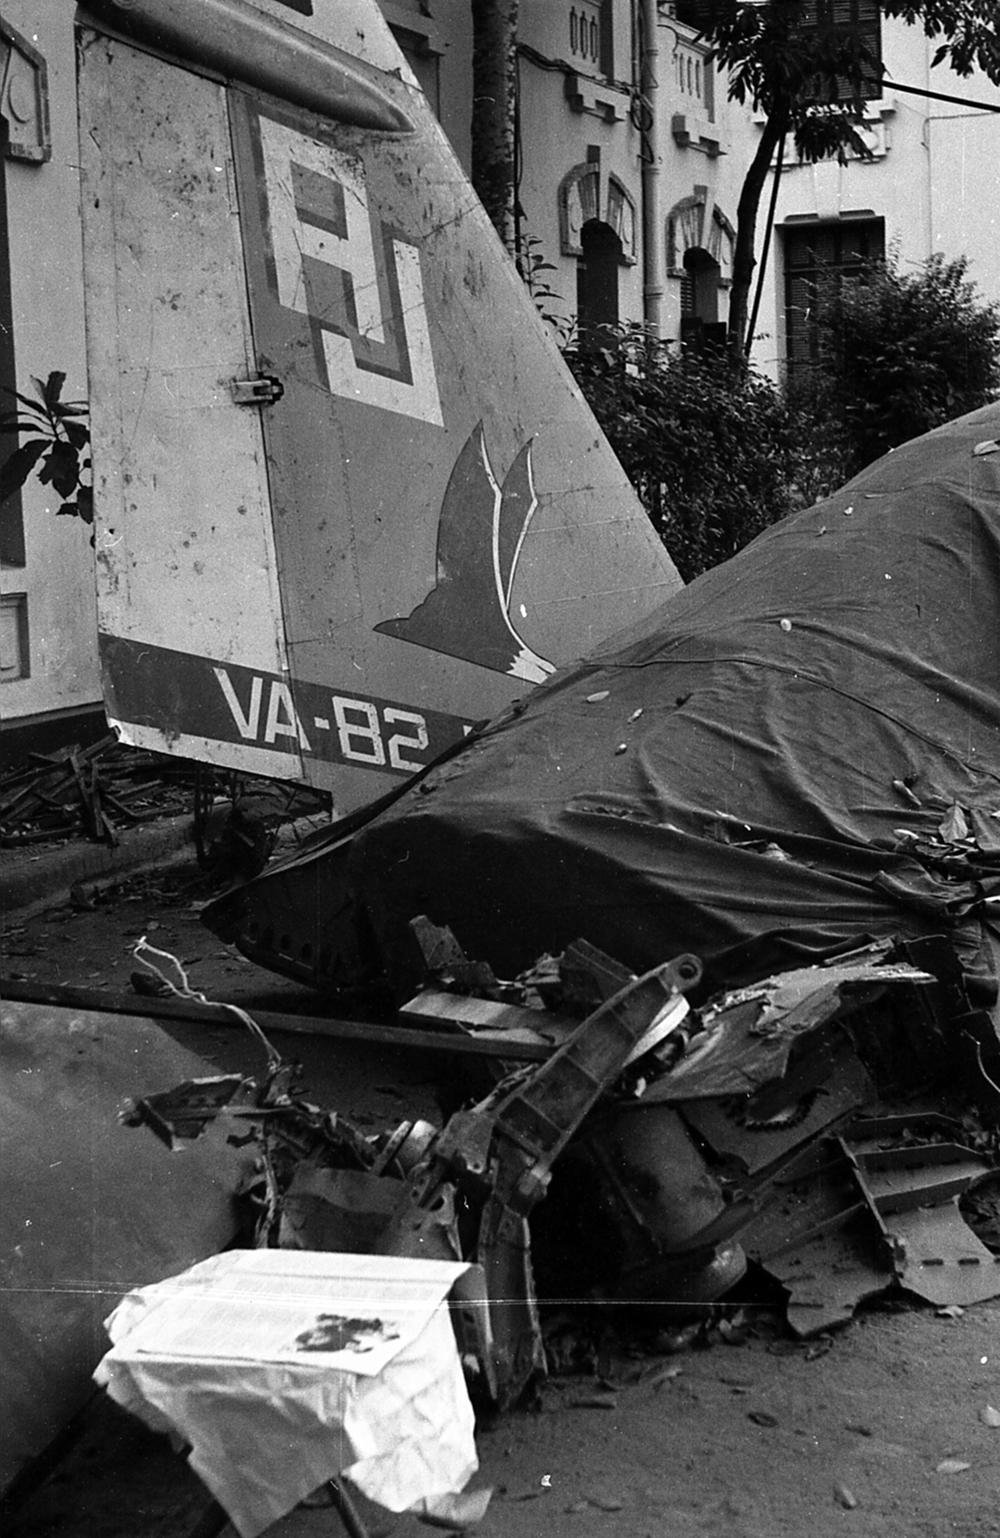 Vietnam_1973_026 copy.jpg